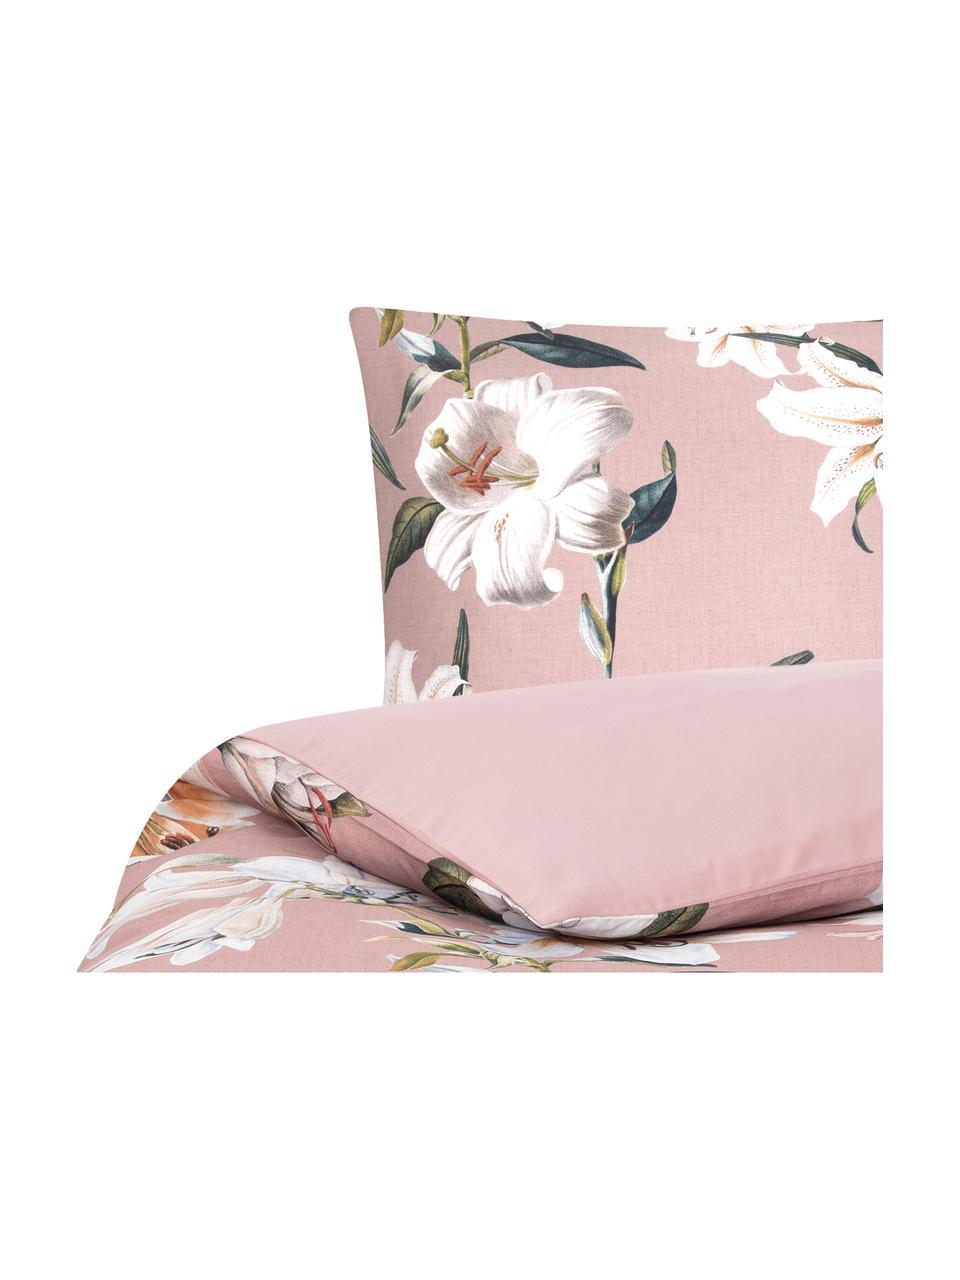 Baumwollsatin-Bettwäsche Flori in Altrosa mit Blumen-Print, Webart: Satin Fadendichte 210 TC,, Vorderseite: Altrosa, CremeweißRückseite: Alrosa, 240 x 220 cm + 2 Kissen 80 x 80 cm